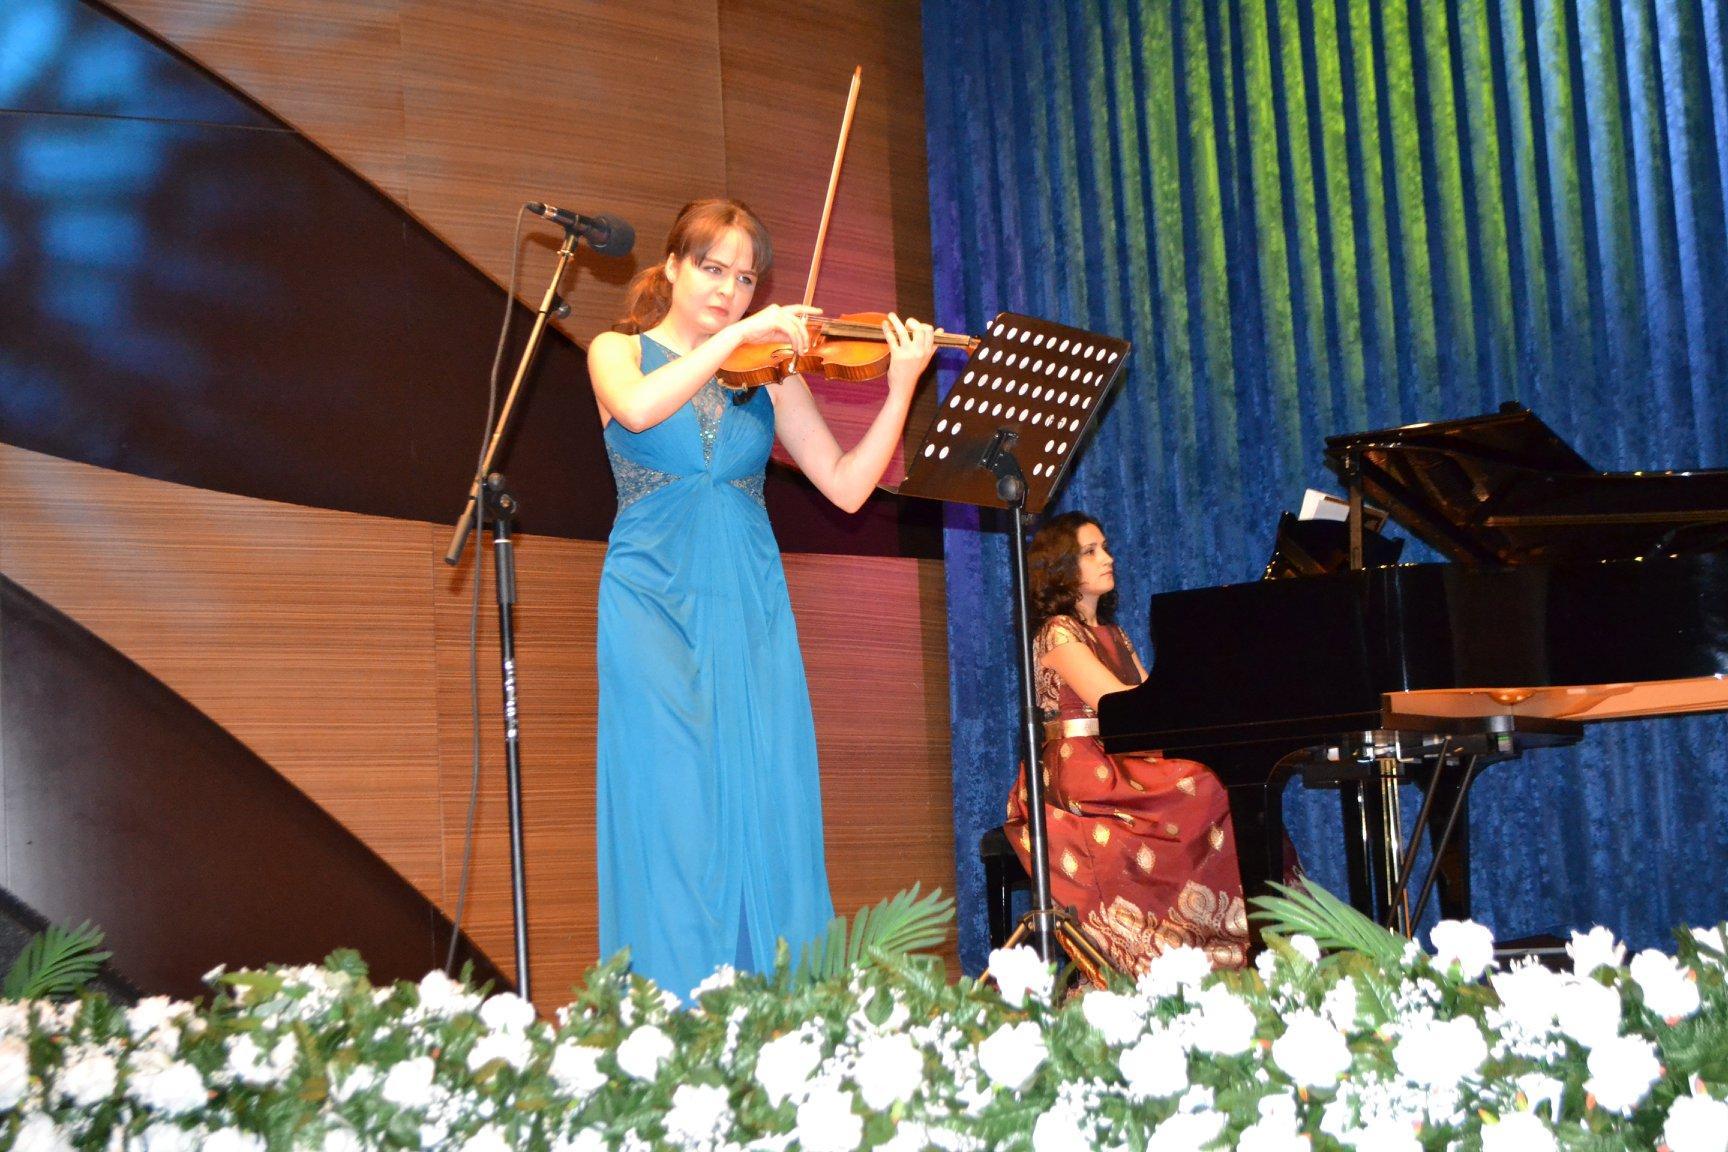 Qara Qarayevin 100 illik yubileyi keçirilib (FOTO) - Gallery Image